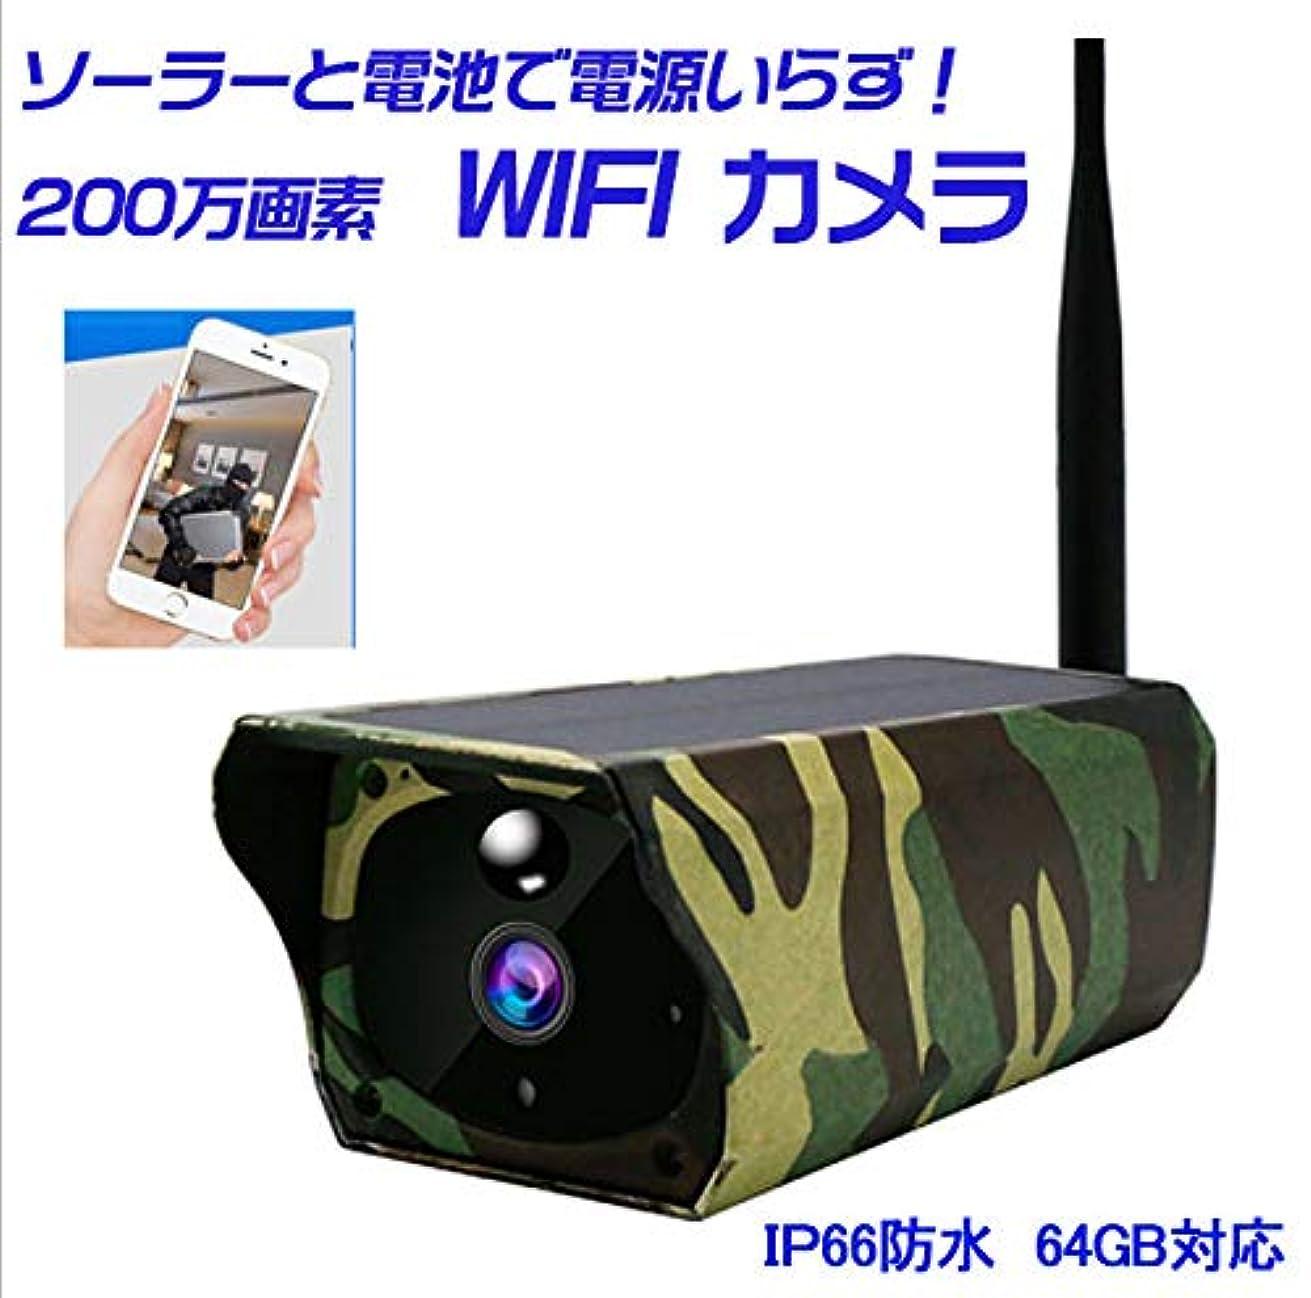 ブロッサムめんどり刃防犯カメラ ソーラー 屋外 トレイルカメラ 200万画素 太陽光 半永久使用 家庭用 ワイヤレス ネットワーク 監視カメラ i-Cam t1-micai